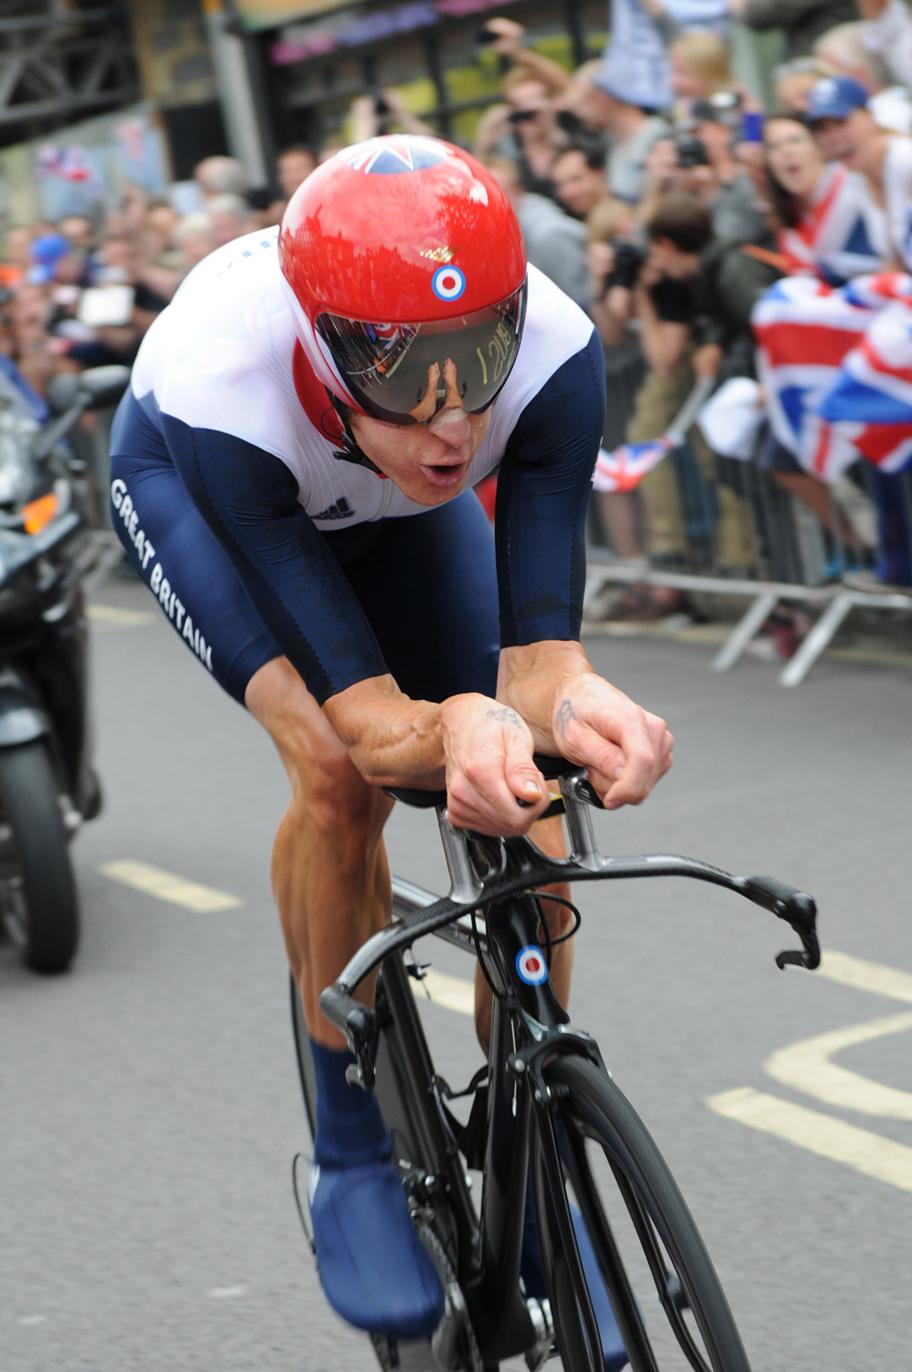 Bradley Wiggins, 2012 Olympics